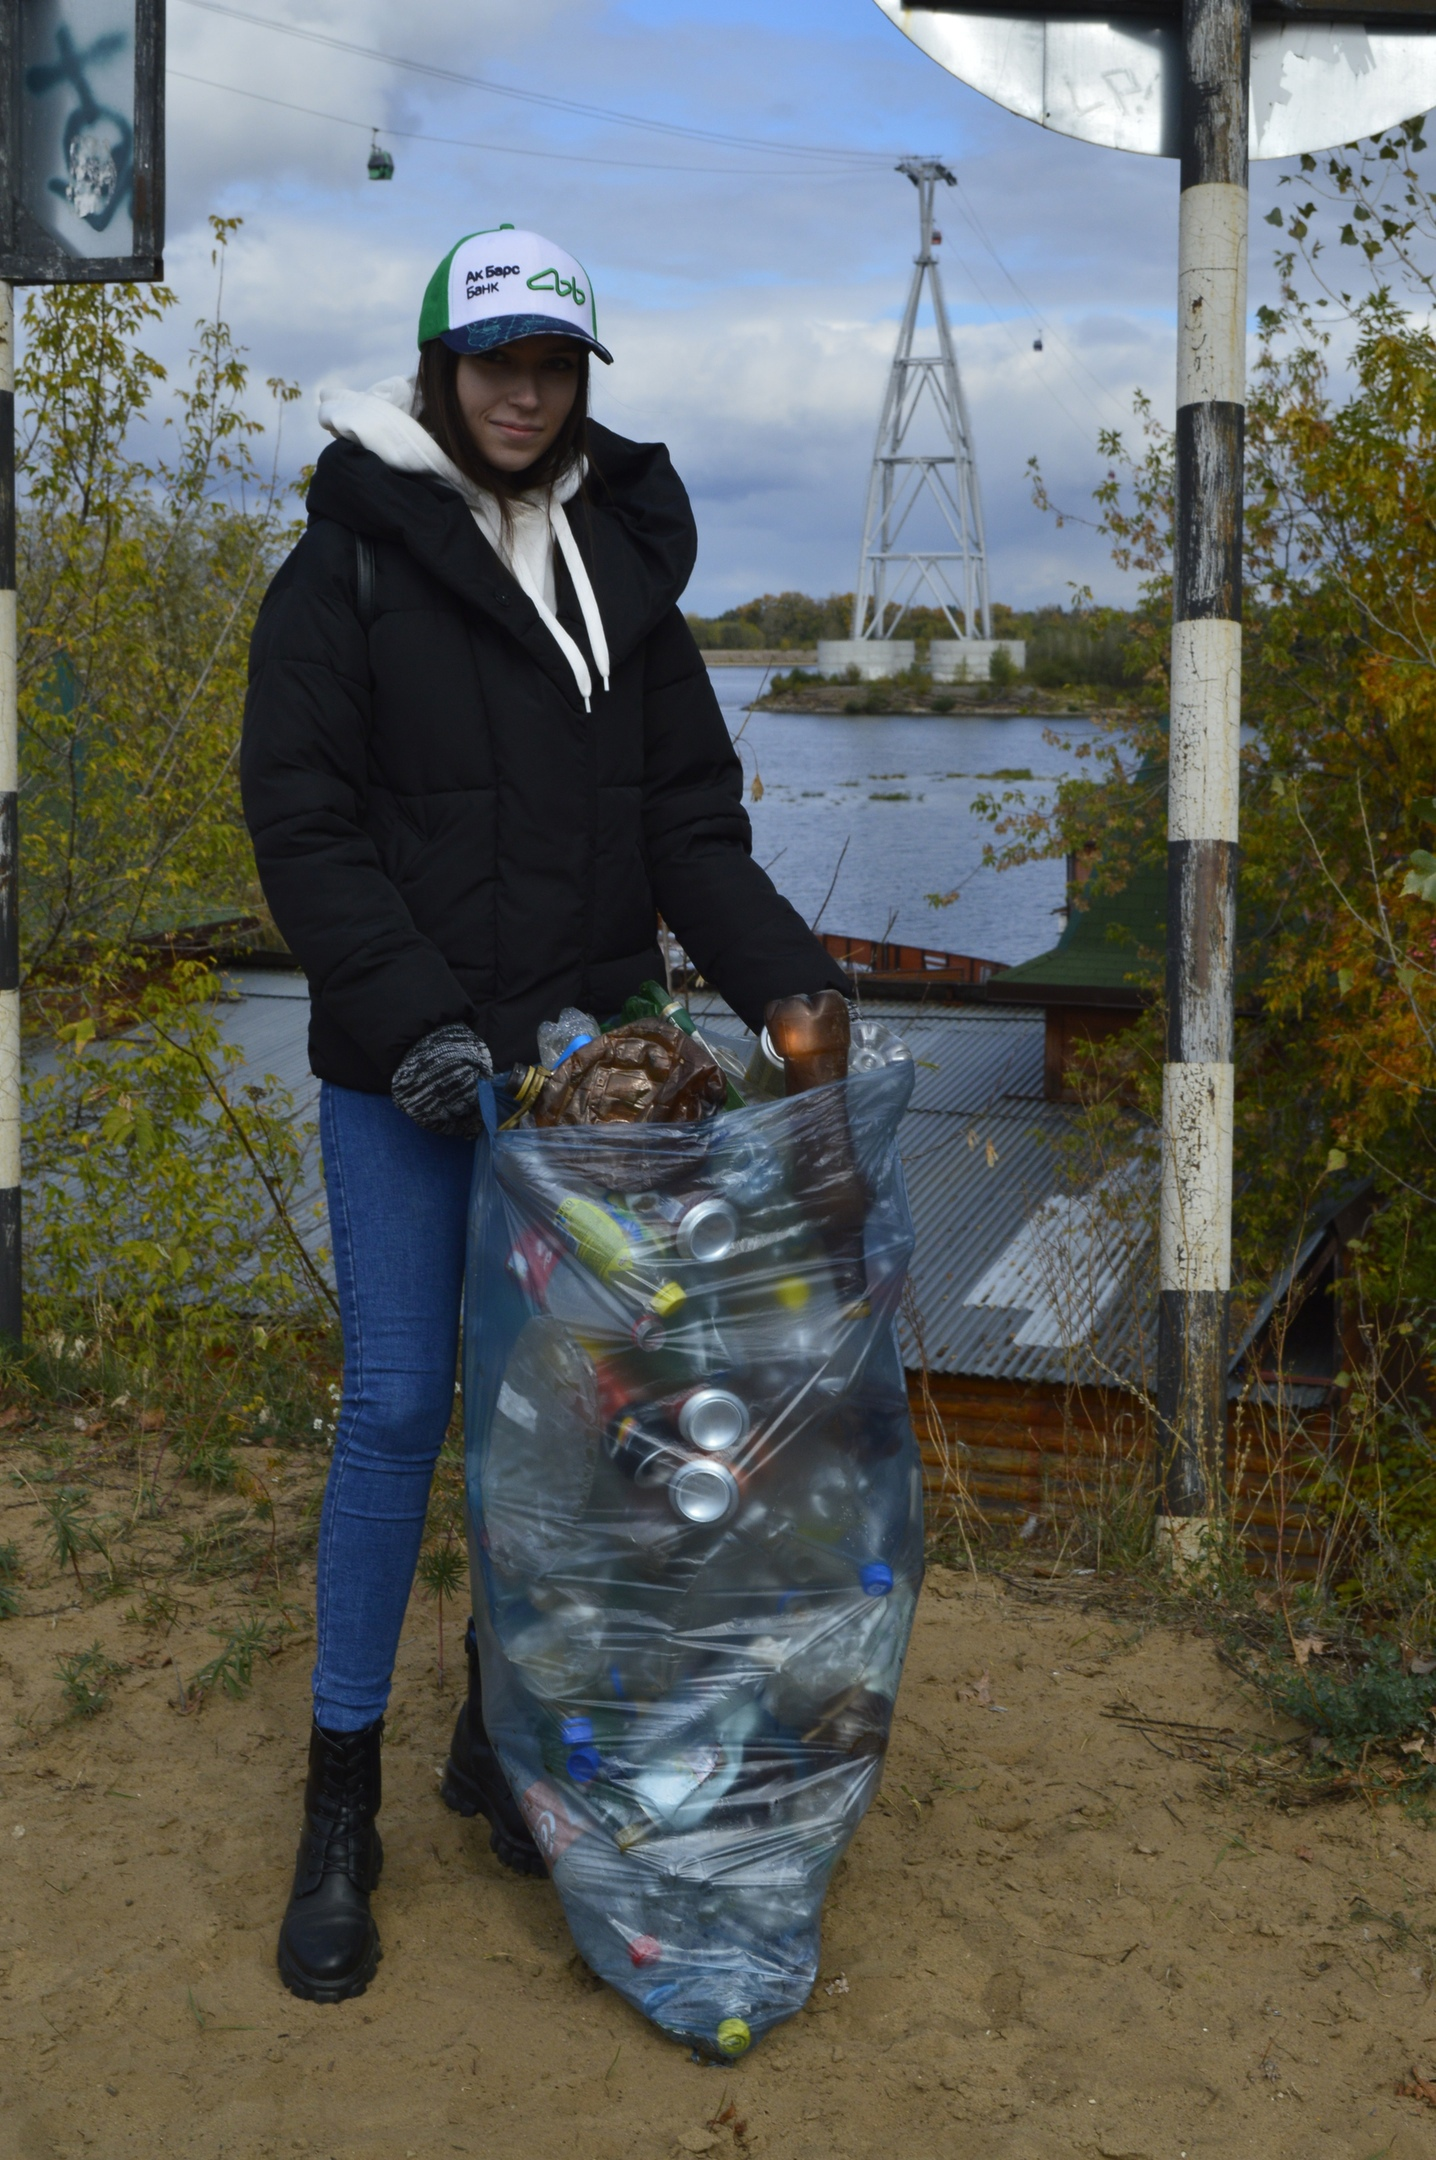 экоквест на Гребном канале в Нижнем Новгороде 18 сентября